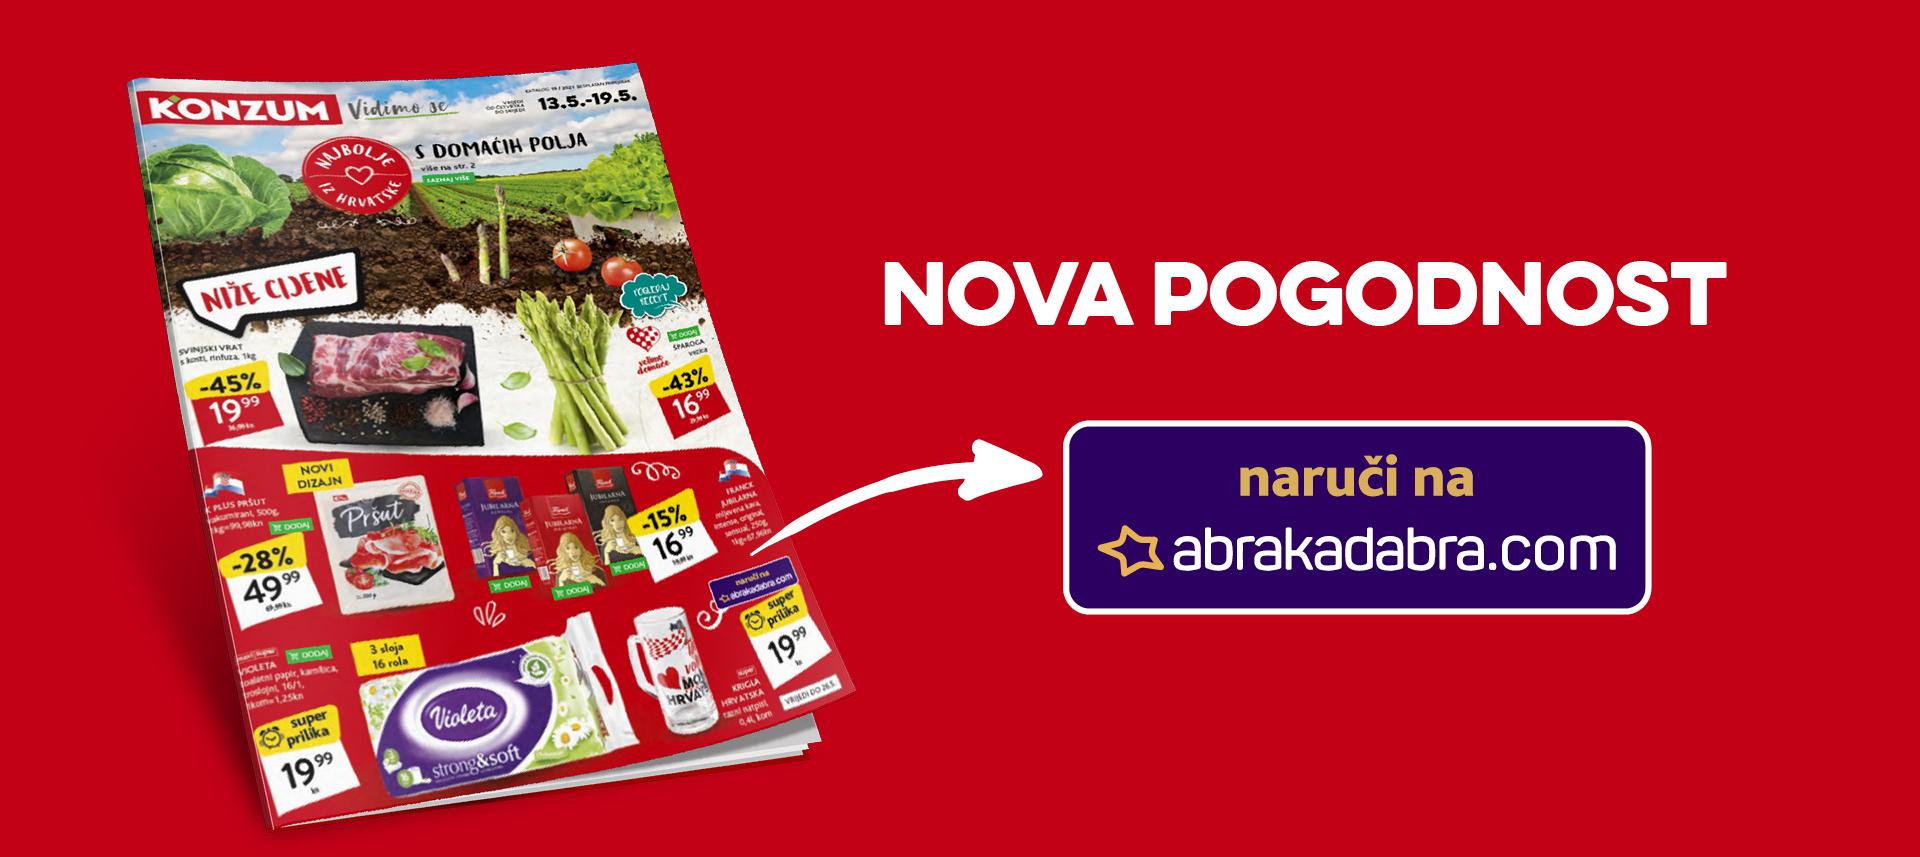 Nova pogodnost - odabrane proizvode možete naručiti i u Abrakadabra webshopu